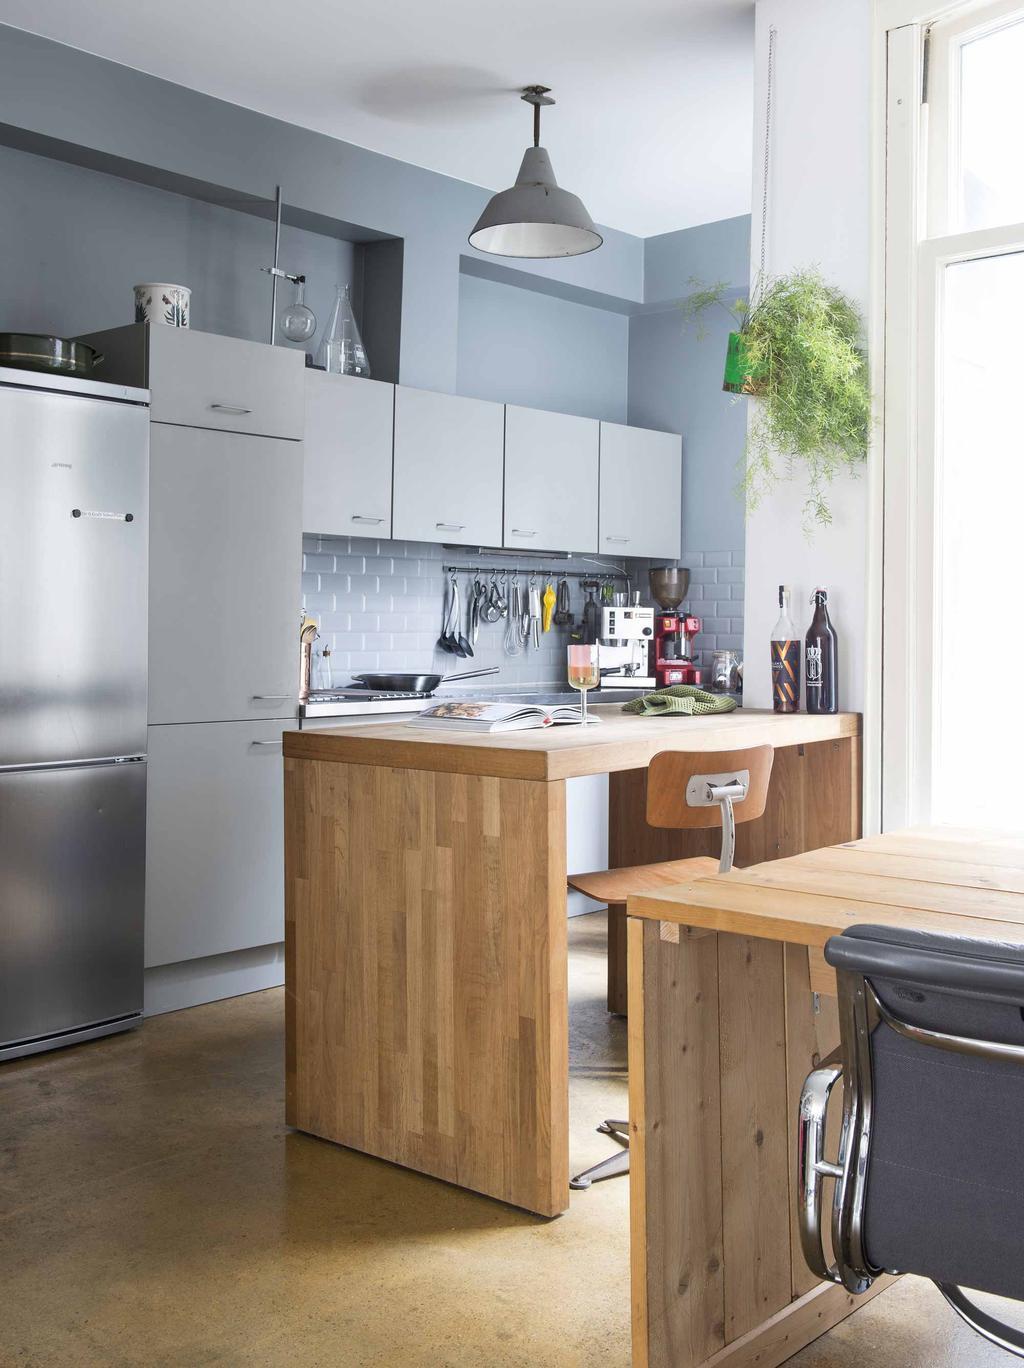 Keuken grijs met houten bar